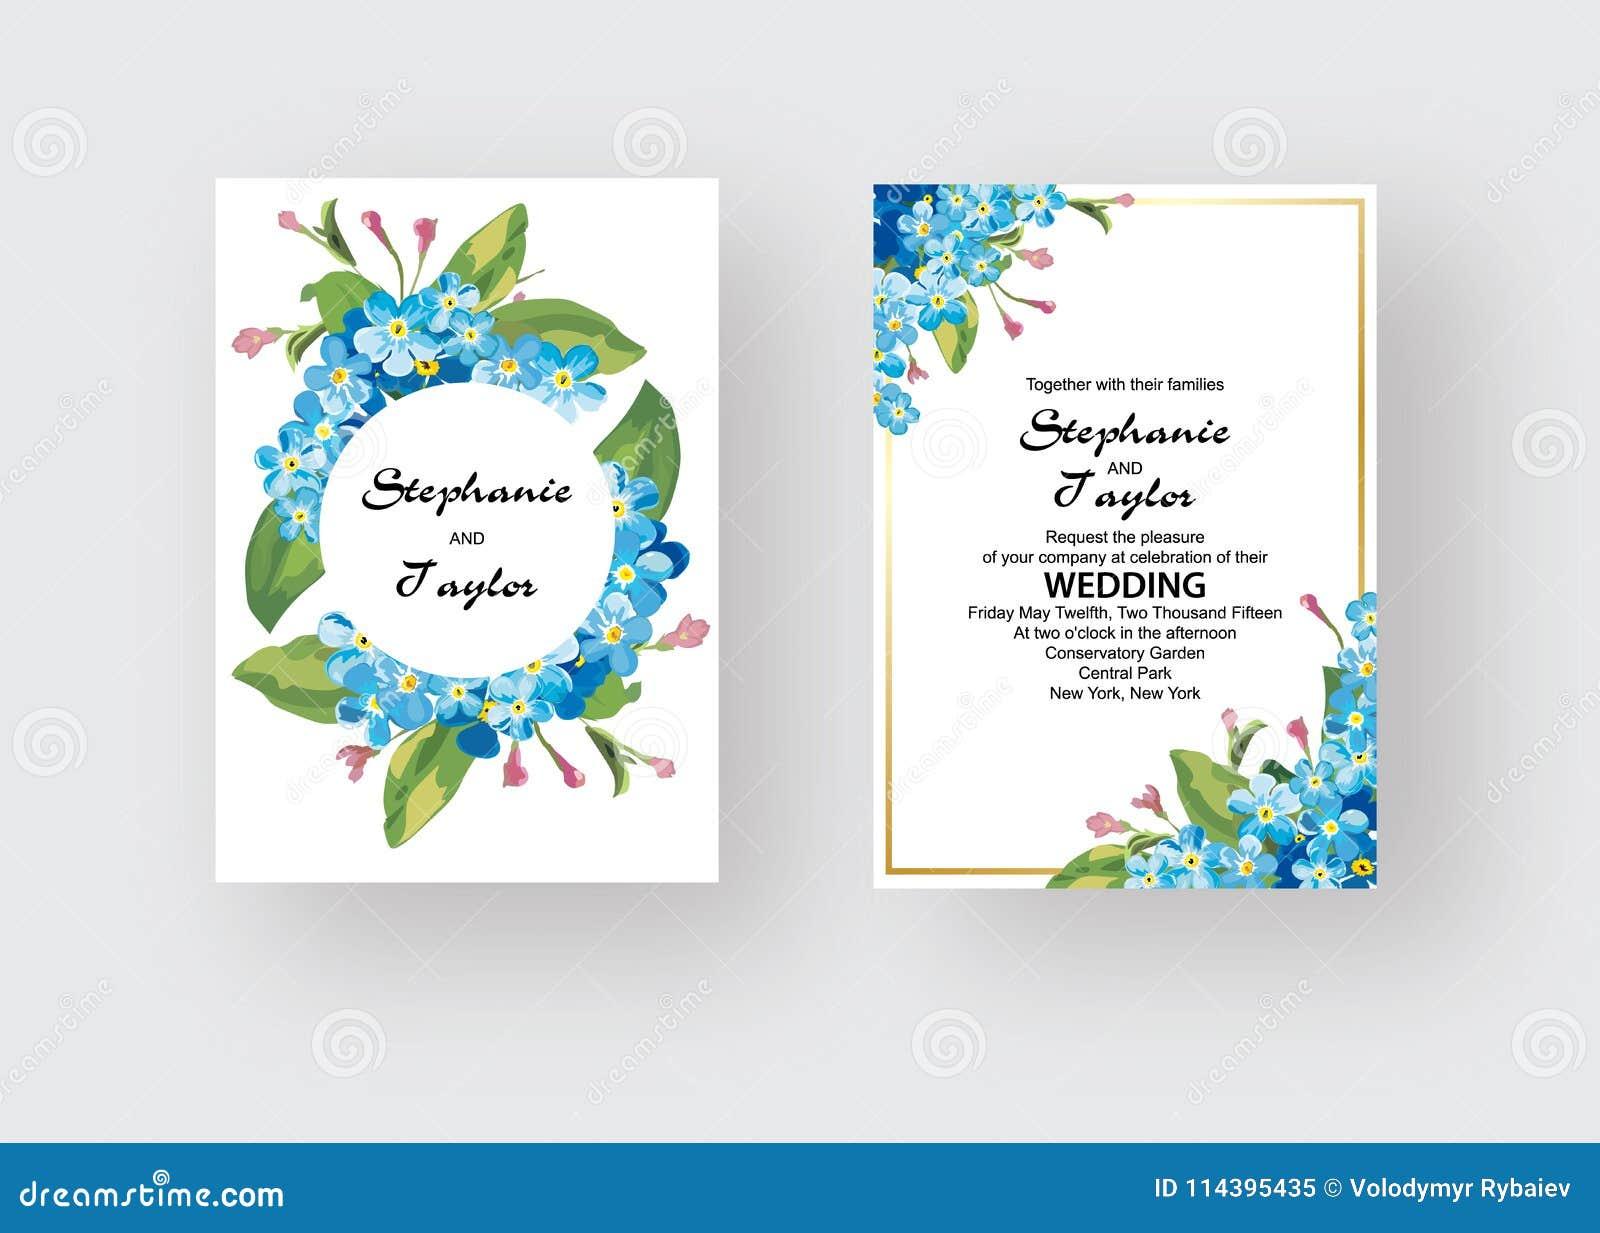 Η γαμήλια πρόσκληση, floral προσκαλεί σας ευχαριστεί, rsvp σύγχρονο σχέδιο καρτών: πράσινος τροπικός ευκάλυπτος πρασινάδων φύλλων